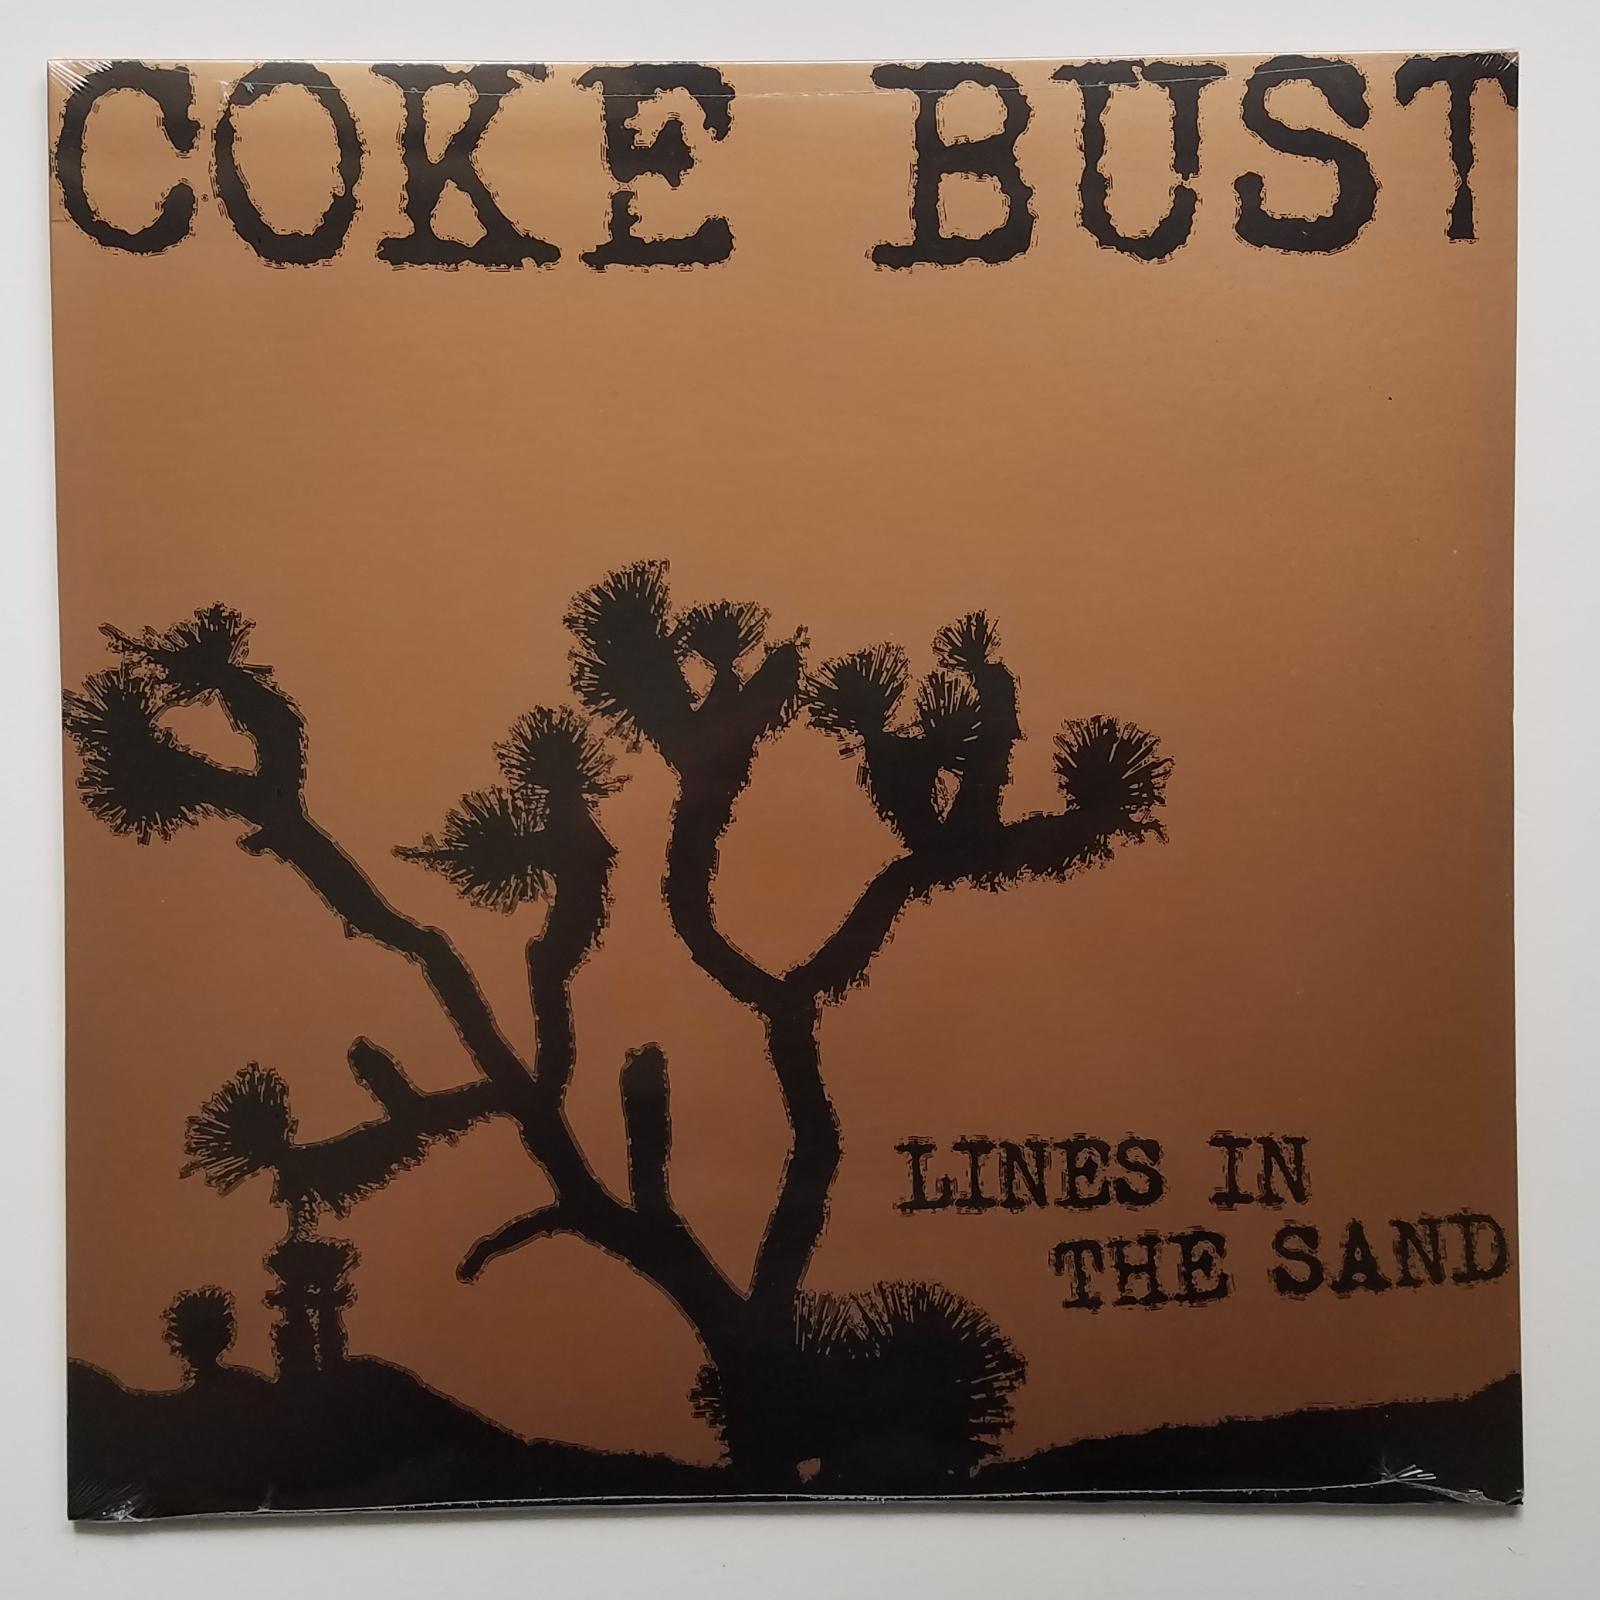 Coke Bust -